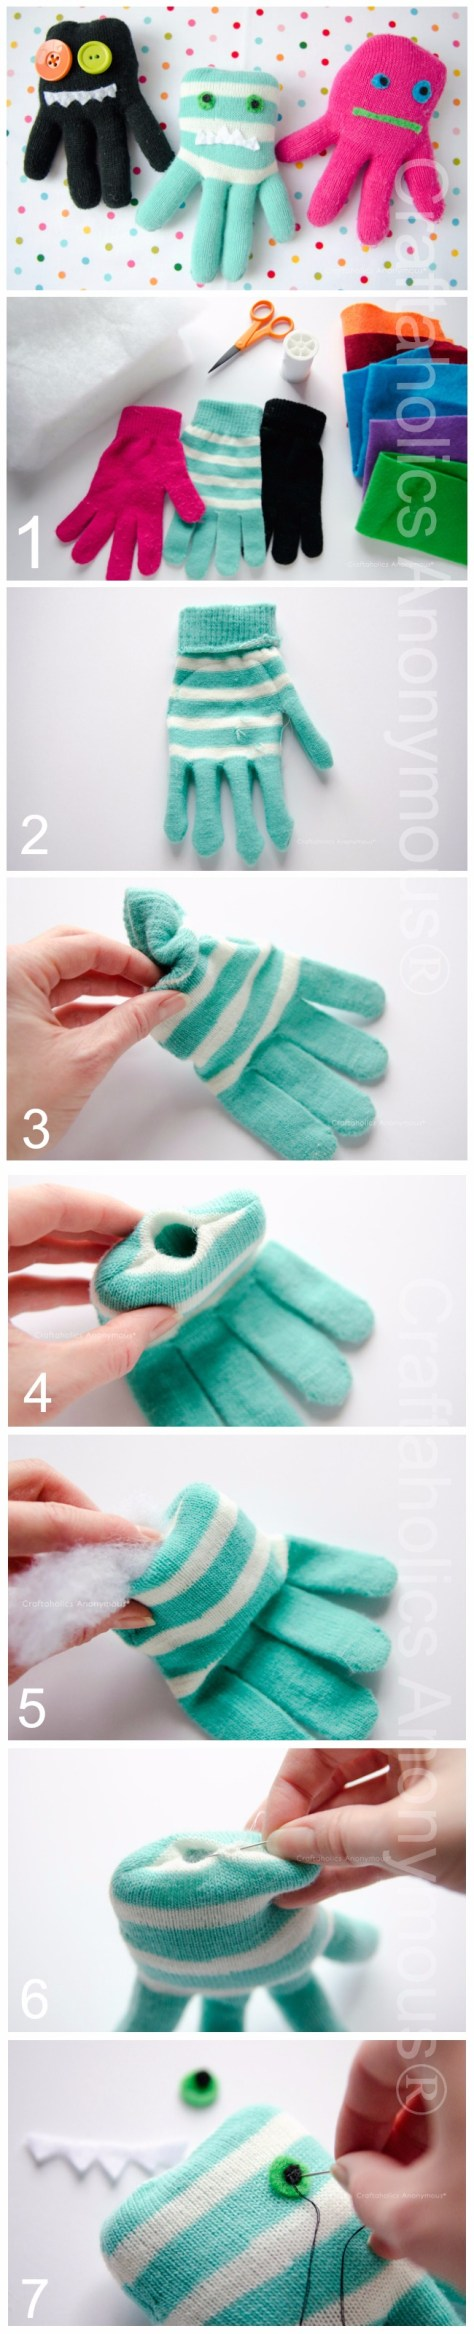 DIY Monsters Glove